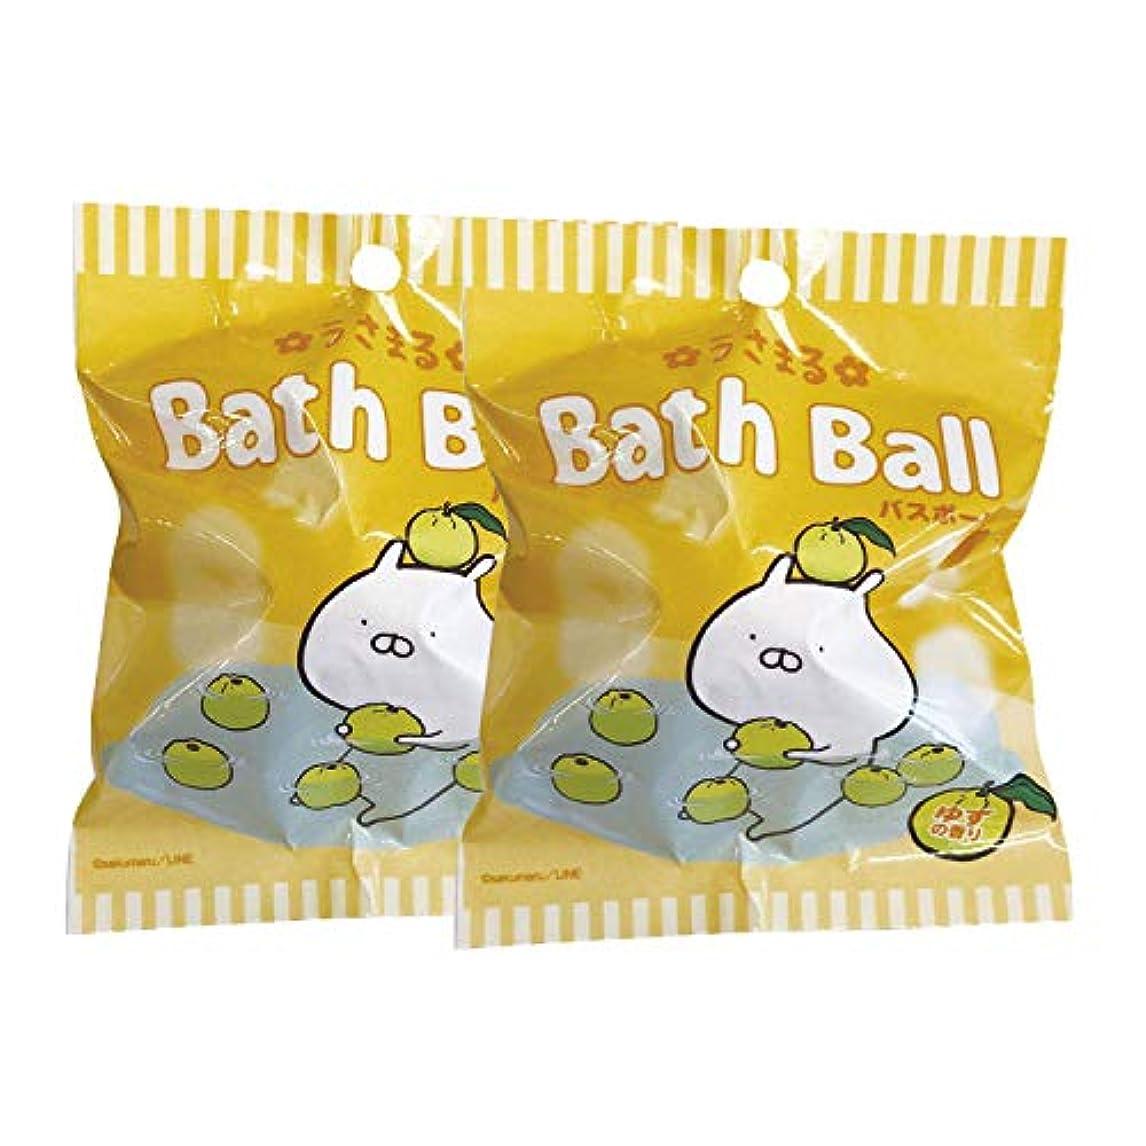 真似る増強妊娠したノルコーポレーション うさまるバスボール 入浴剤 ゆず セット 60g×2個